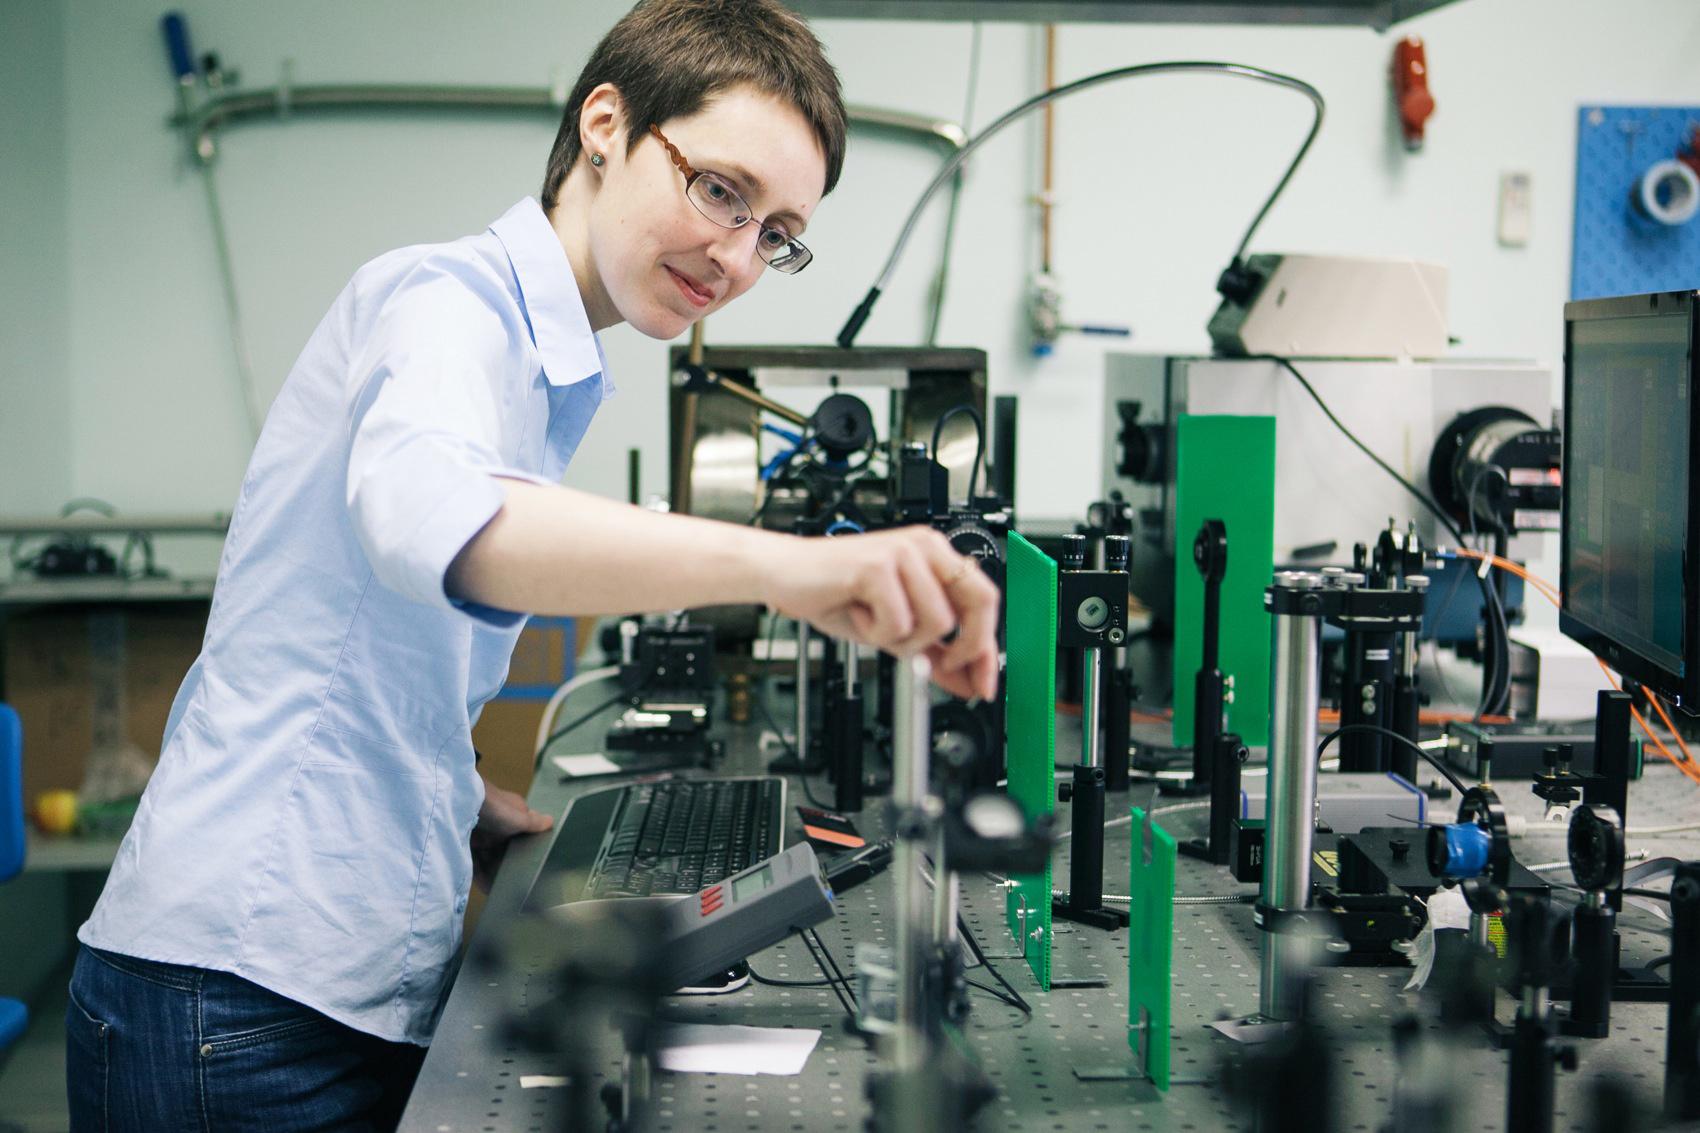 Александра Калашникова в лаборатории ФТИ. Фото пресс-службы Университета ИТМО